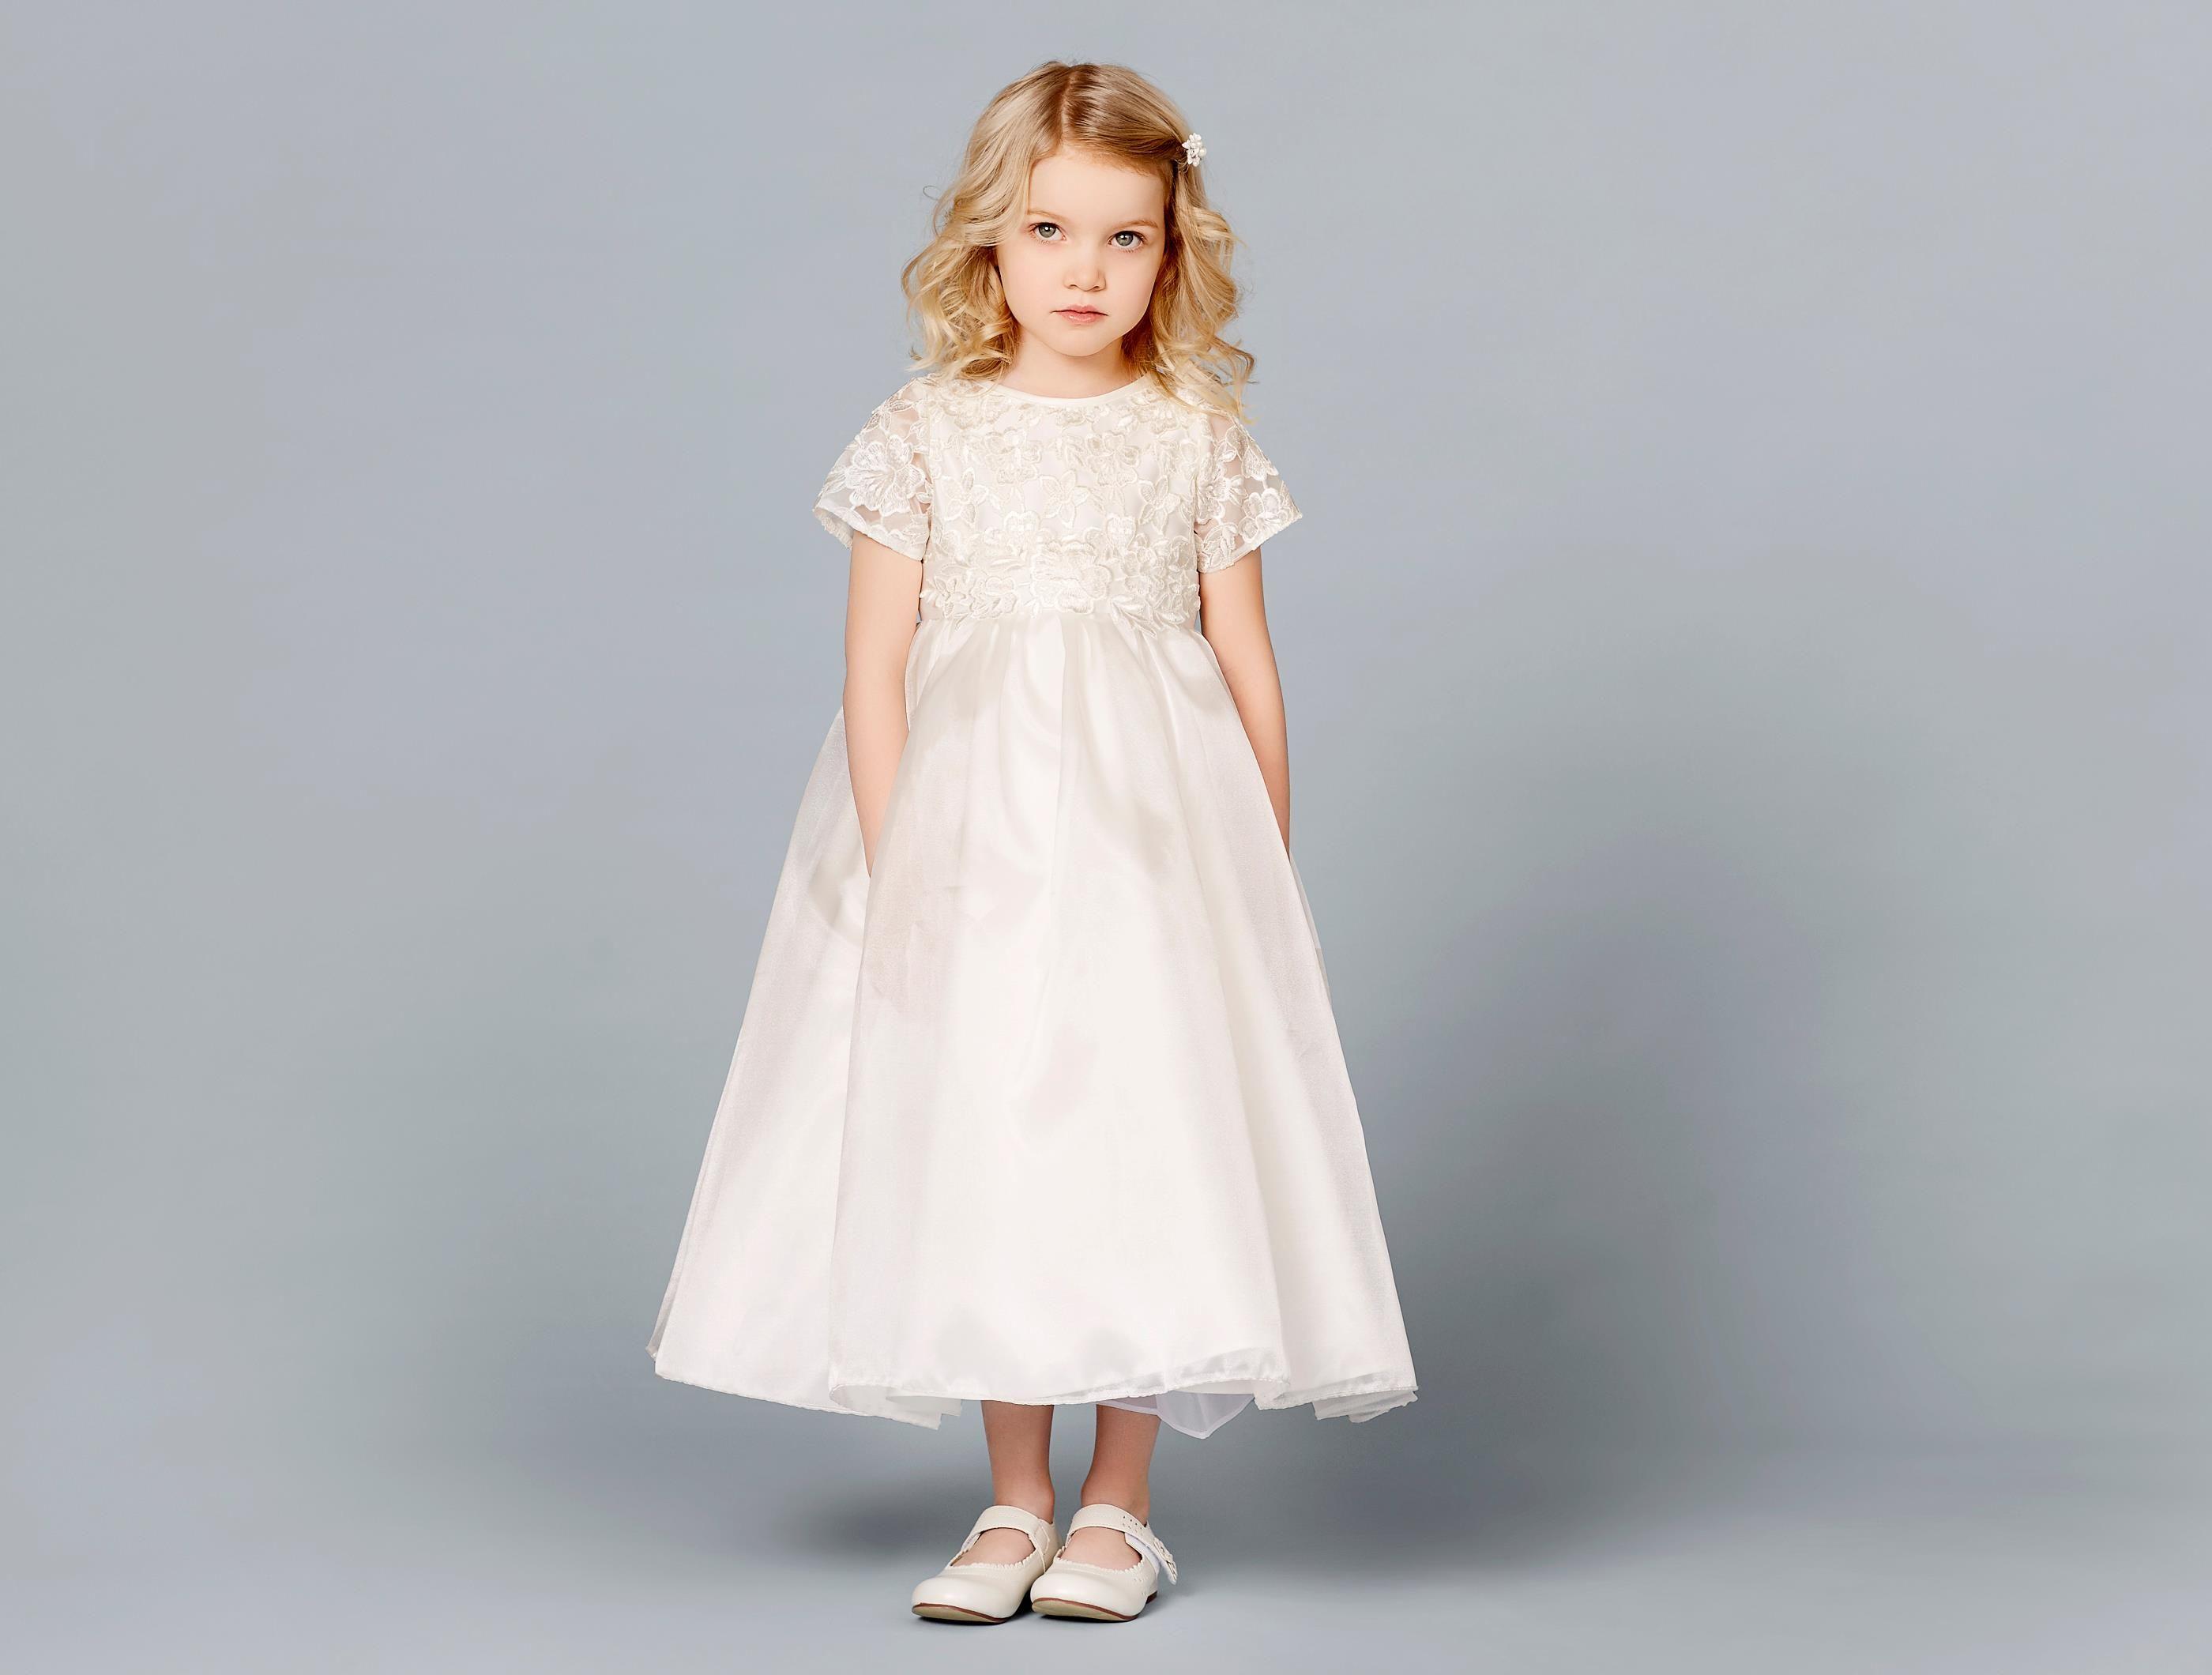 Blumenkinder Kleid  Blumenkinder kleider, Blumenmädchen kleid